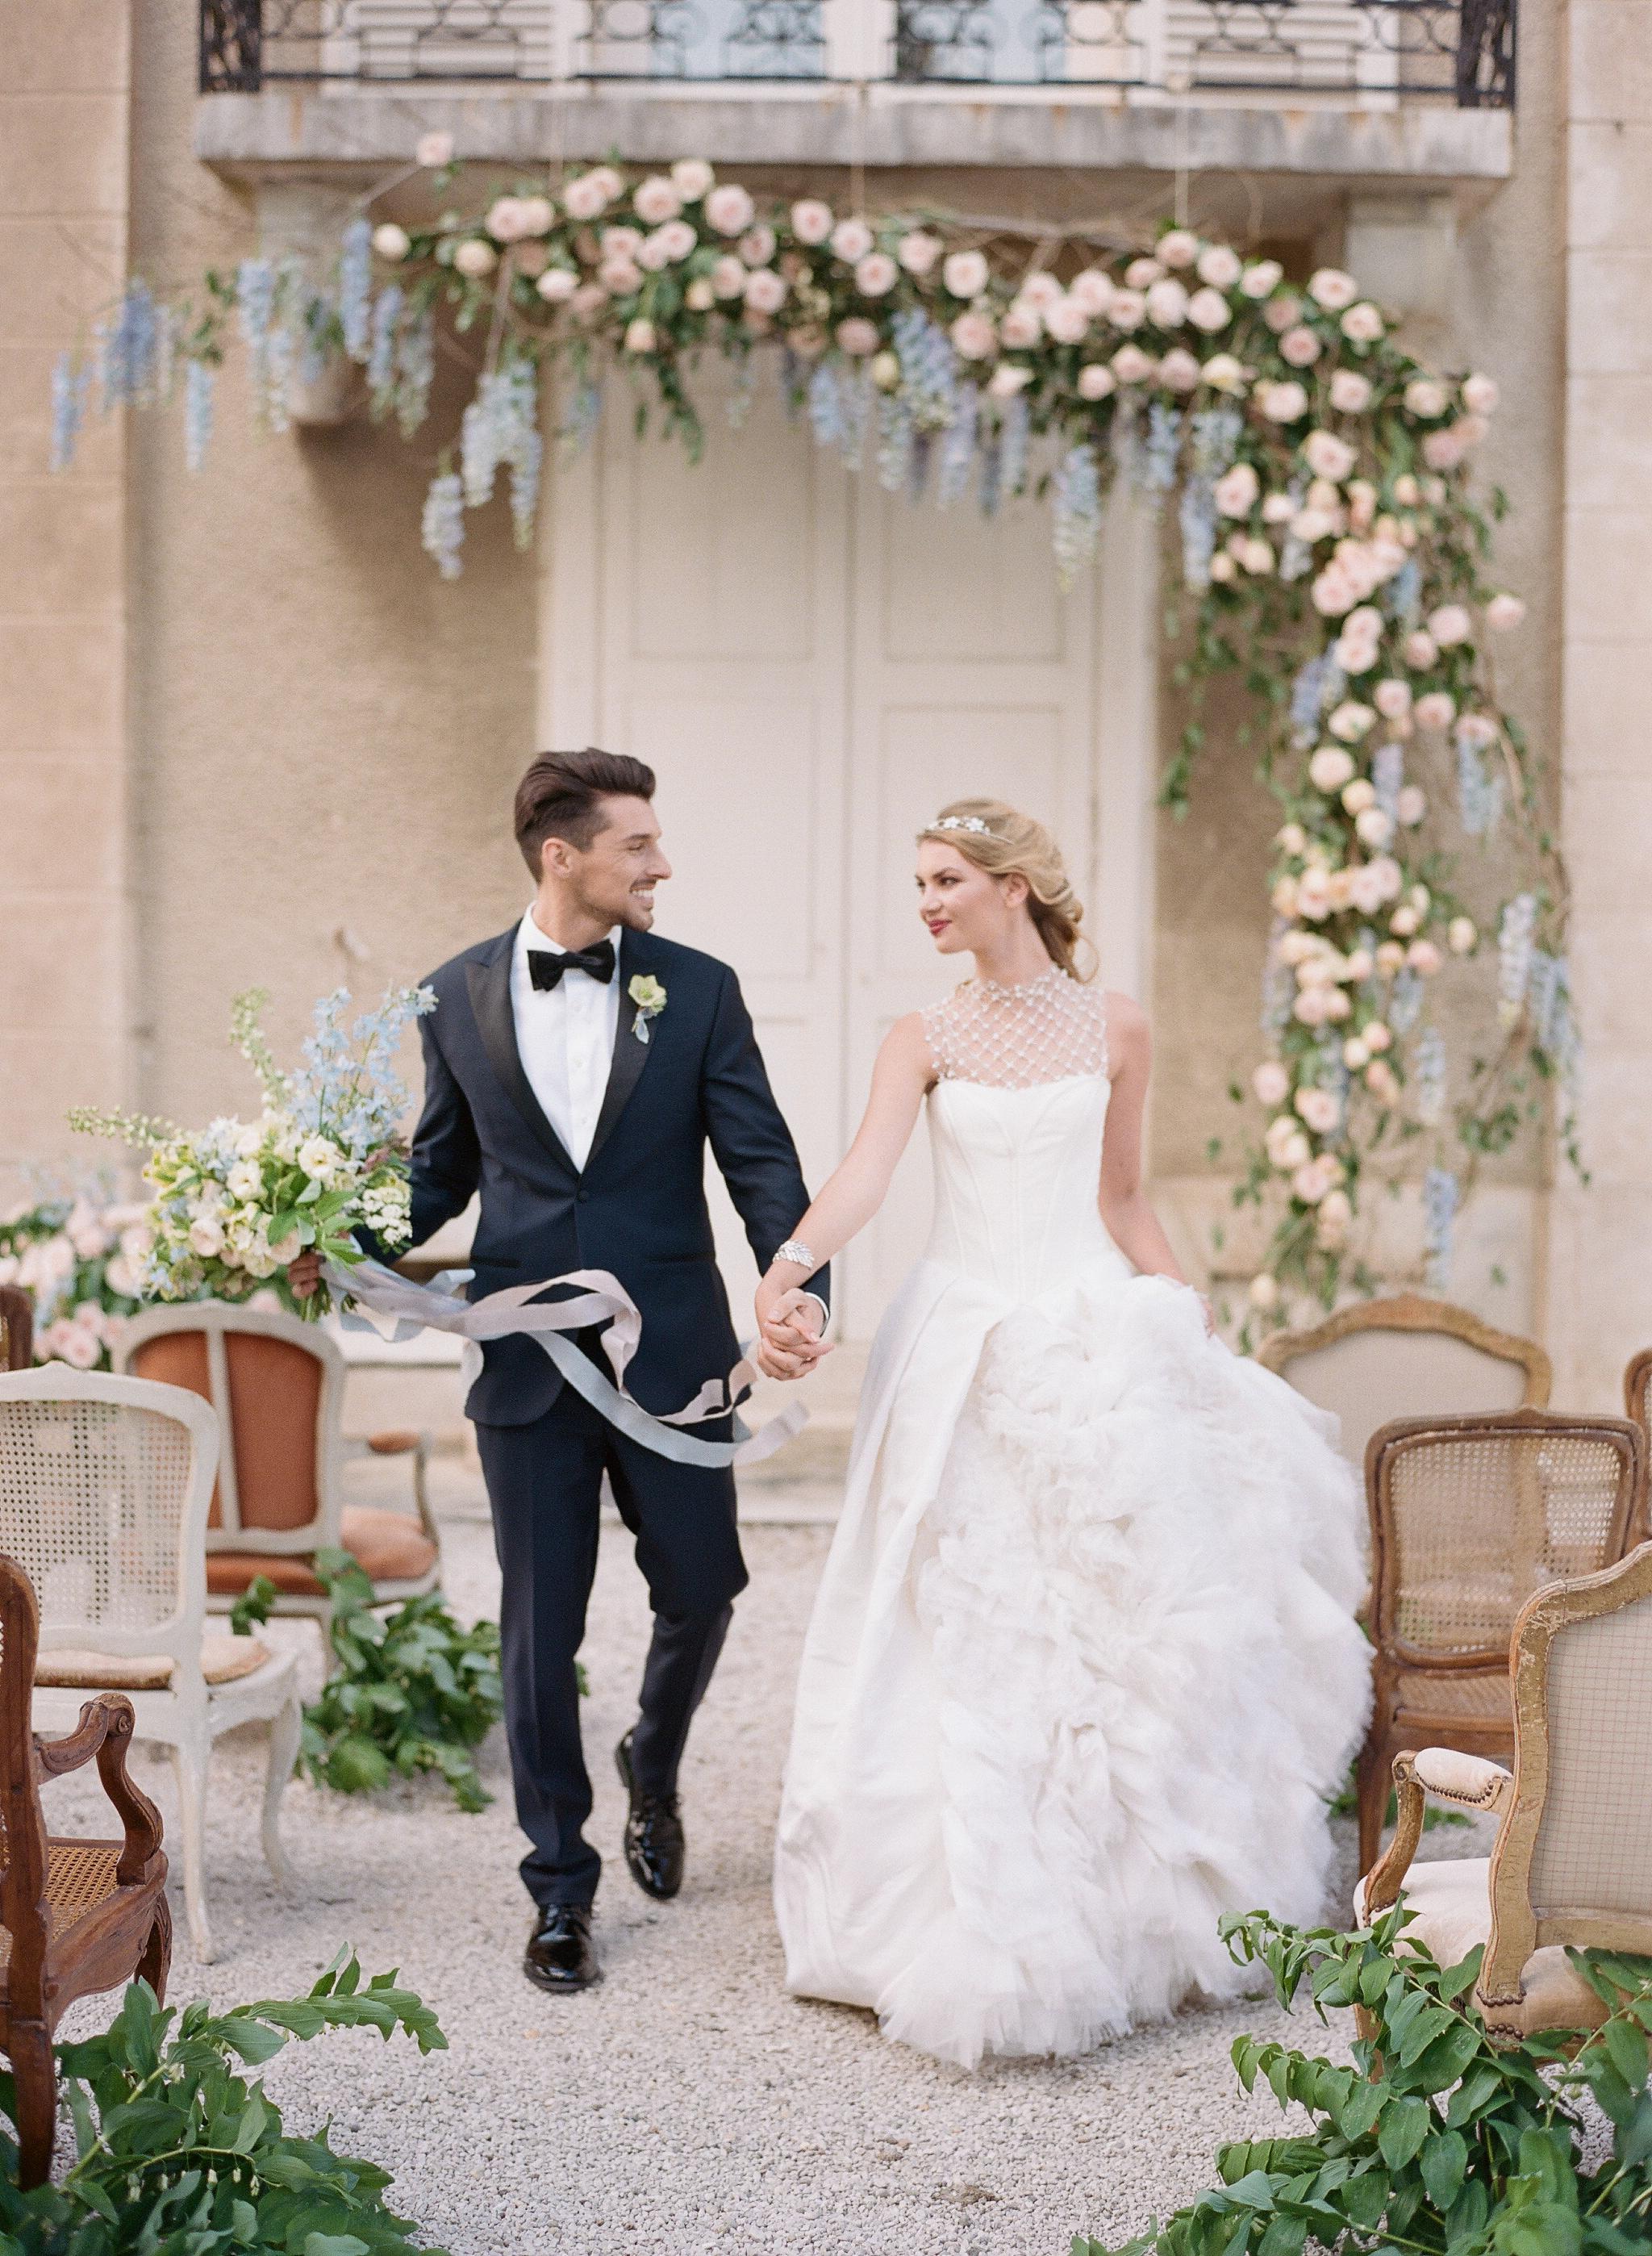 Sylvie-Gil-film-destination-wedding-photography-2017-workshop-chateau-de-varennes-masquerade-burgundy-france-bride-groom-just-married